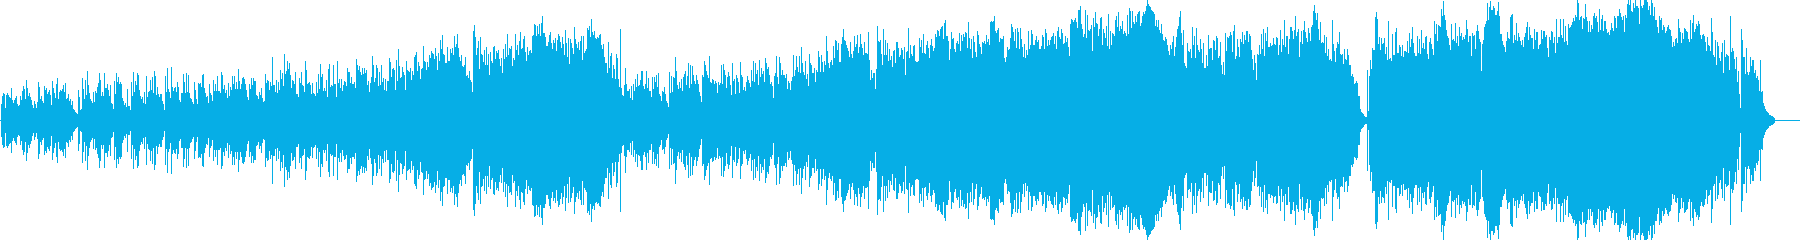 きらびやかなイメージのバラード曲です。の再生済みの波形